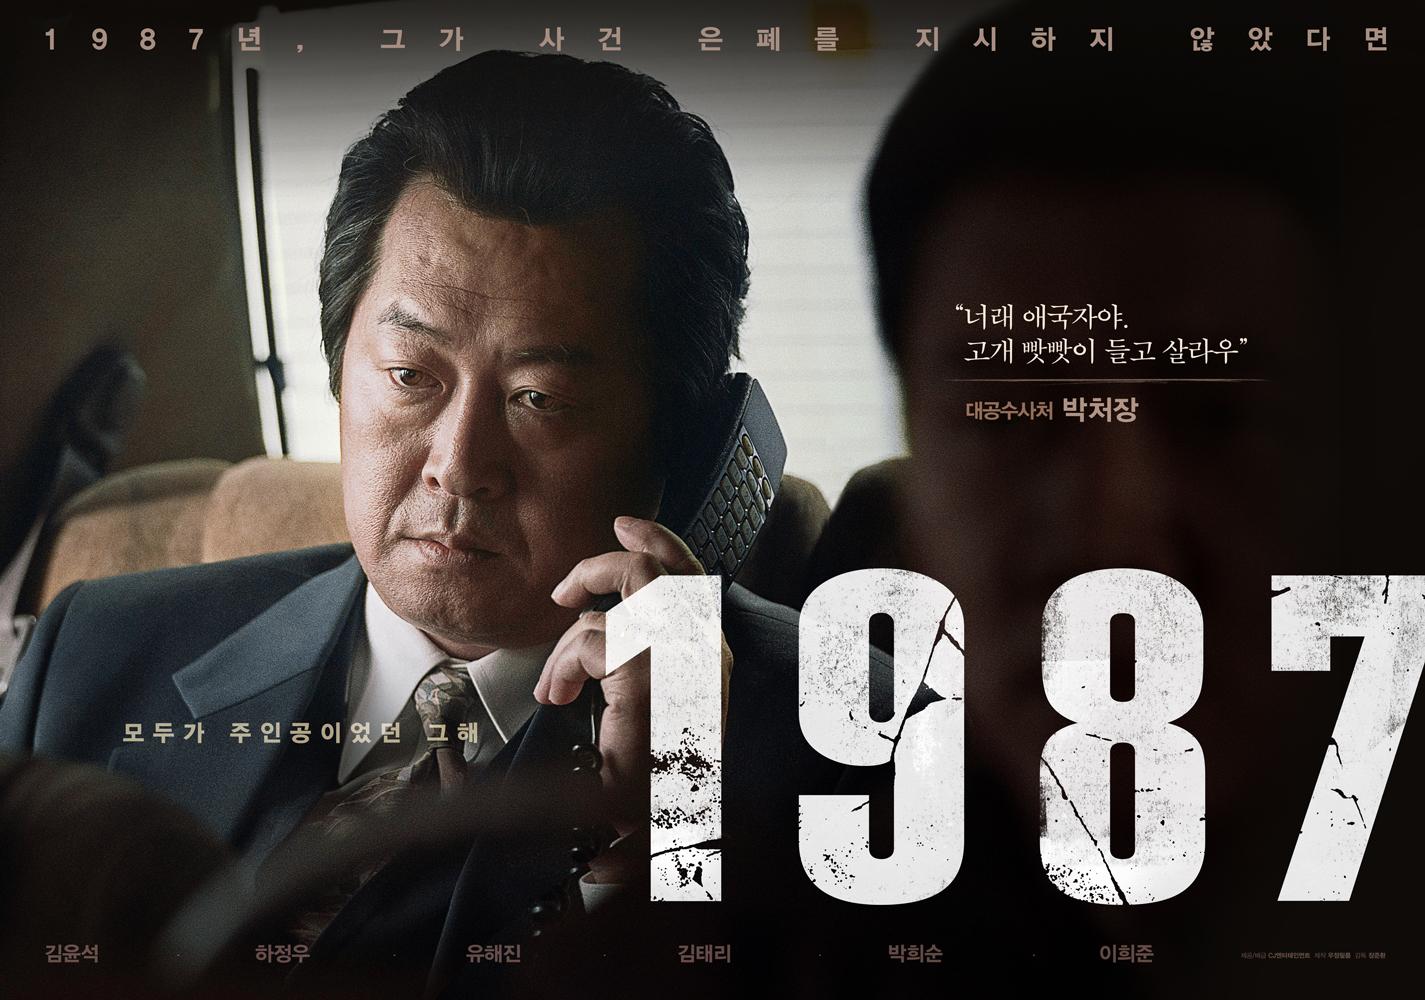 1987_캐릭터포스터_김윤석.jpg